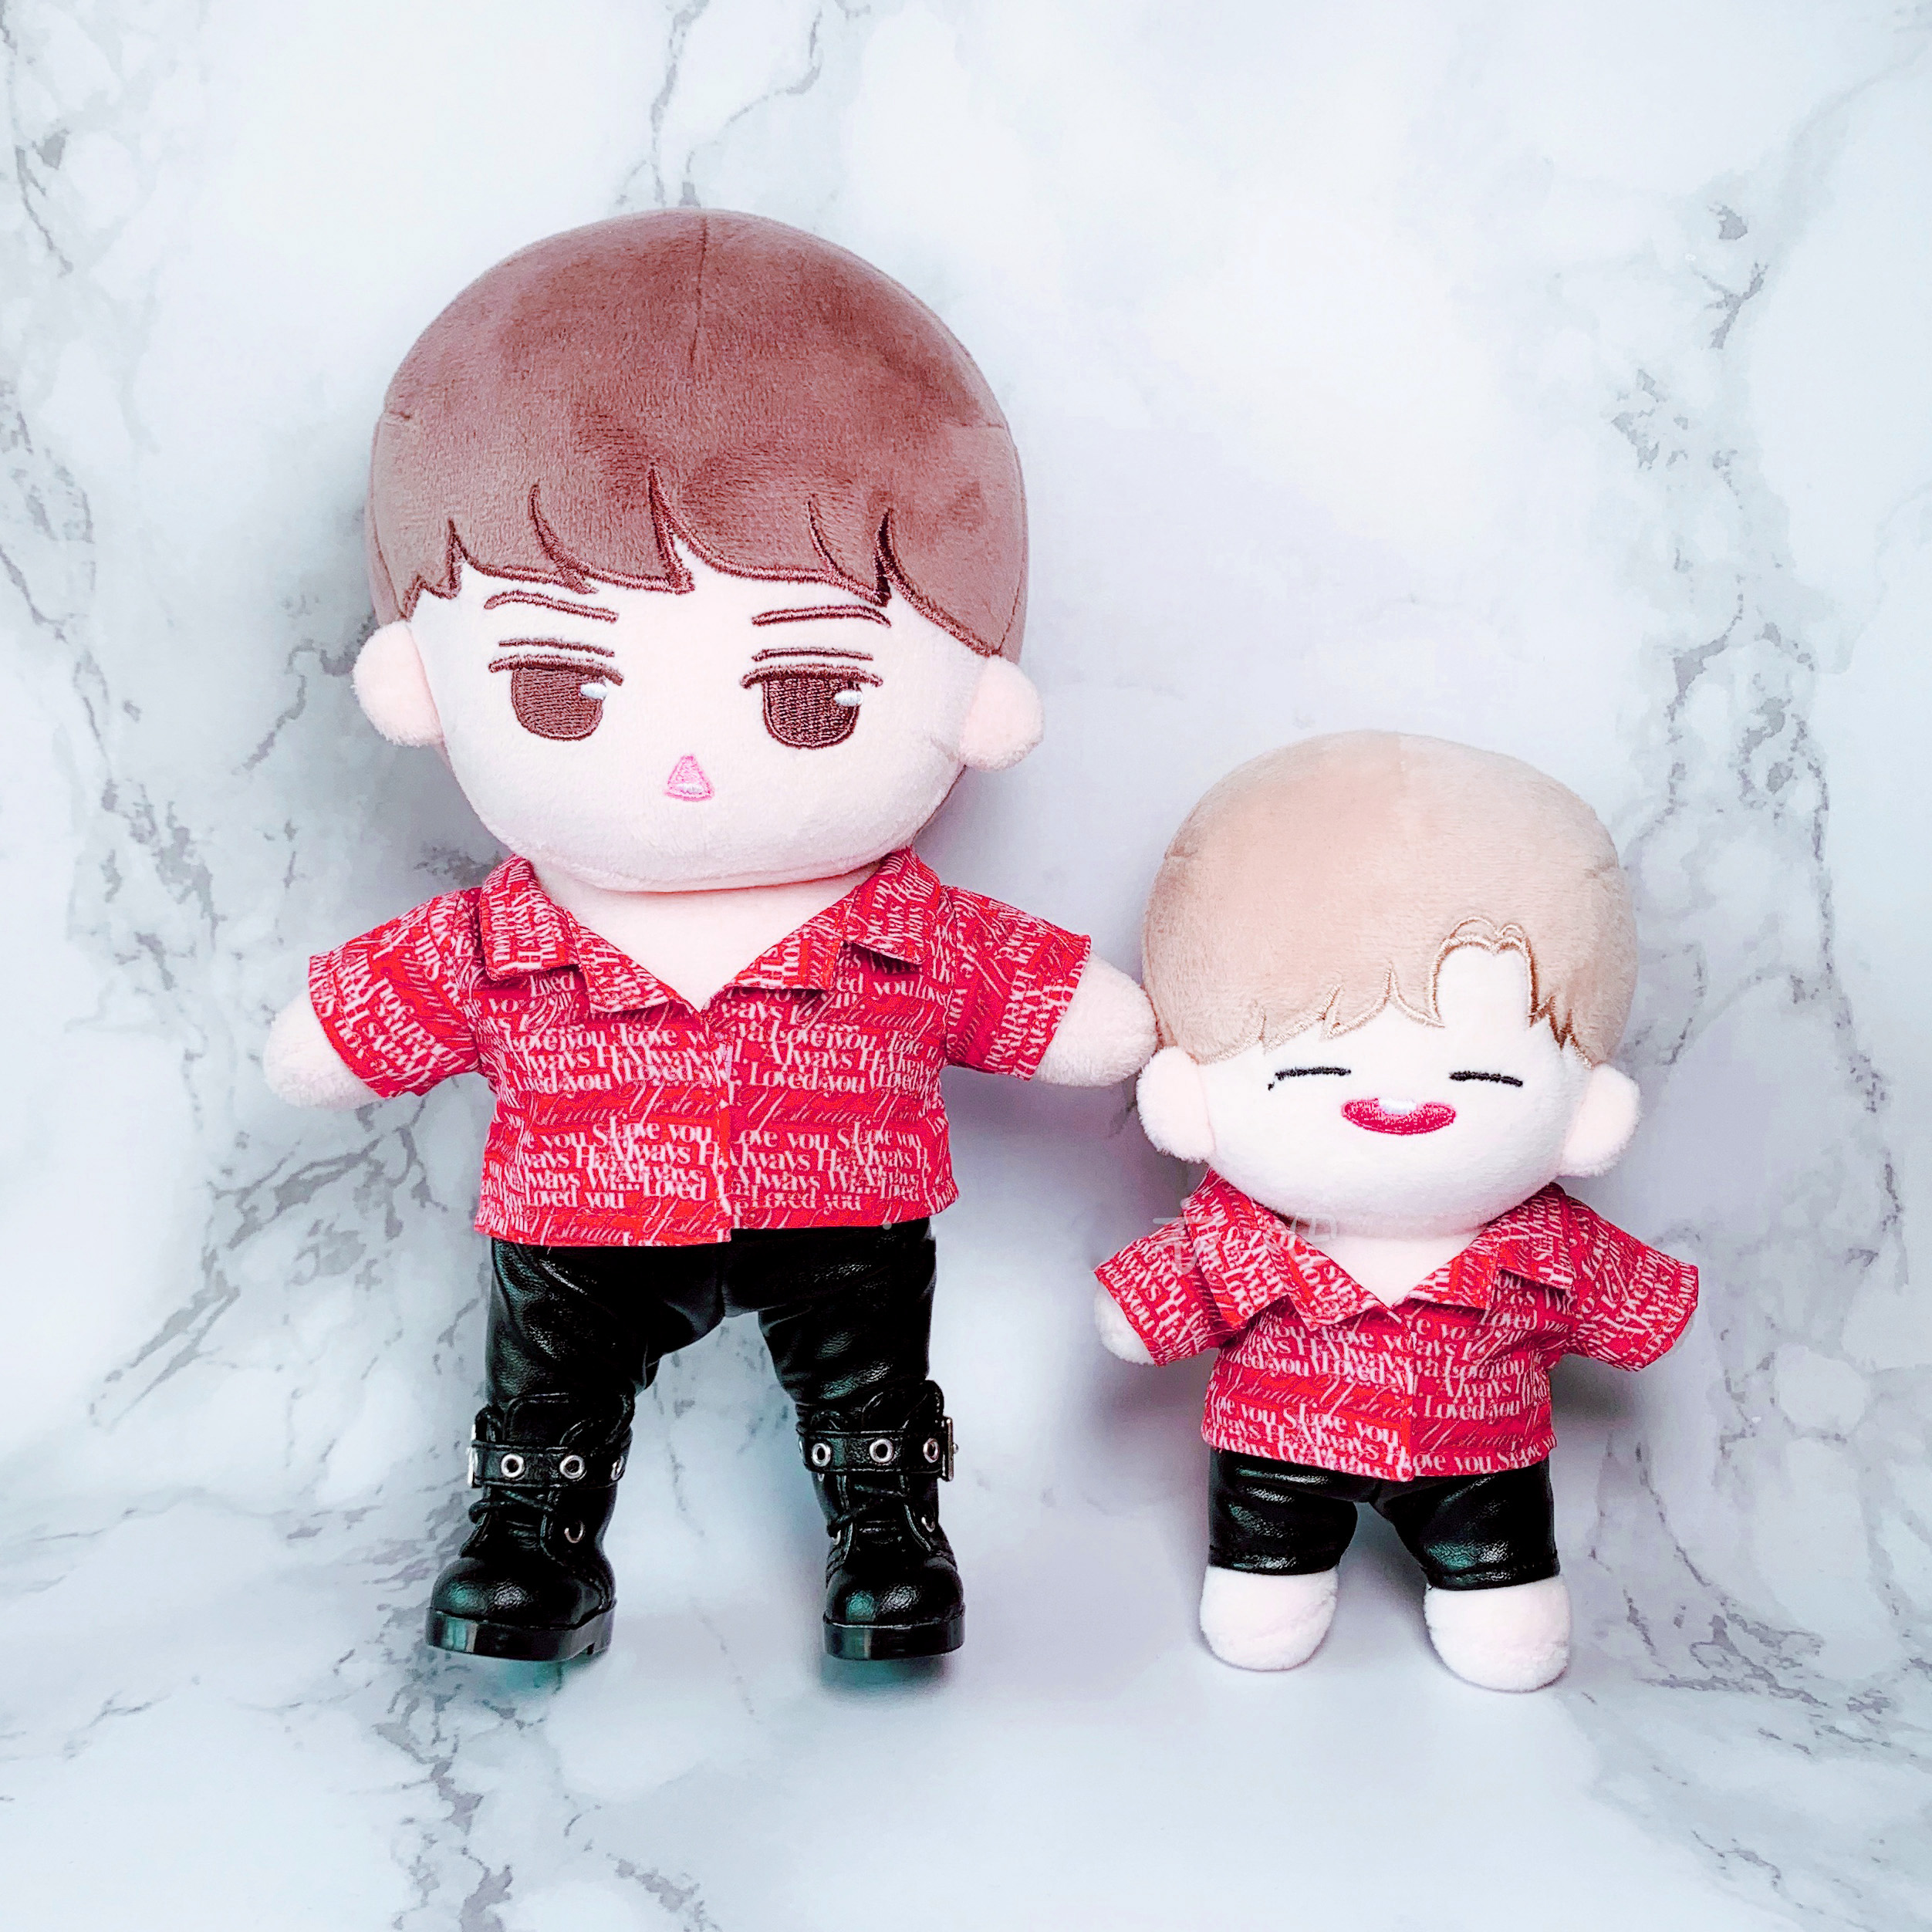 Korea EXO GOT7 Doll/'s  Shoe Plush Toy Handmade Fit for 15 cm Doll